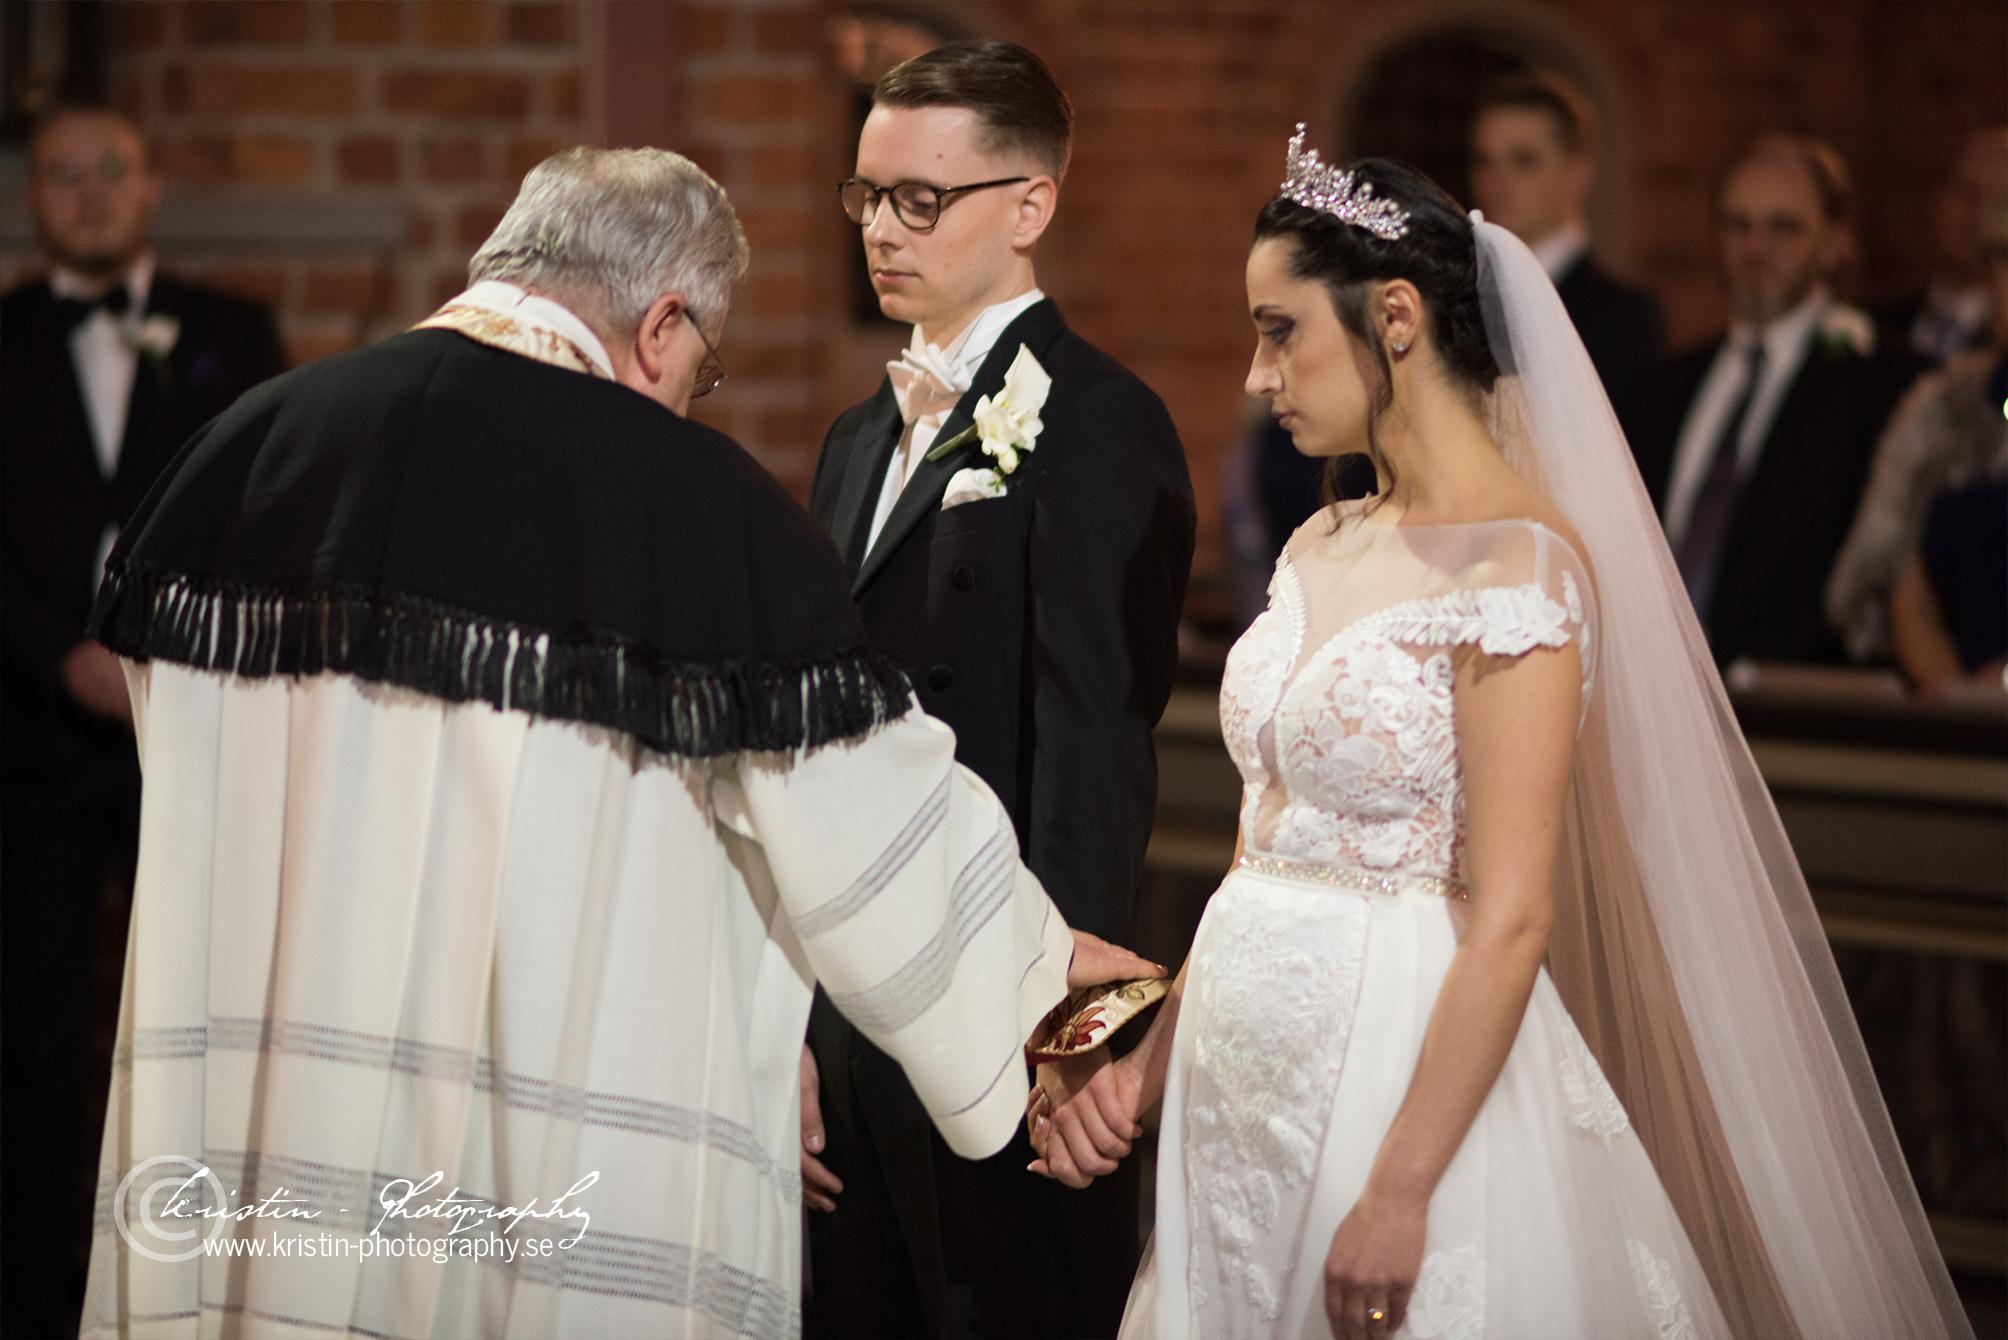 Bröllopsfotograf i Eskilstuna, Kristin - Photography, weddingphotographer -3c.jpg